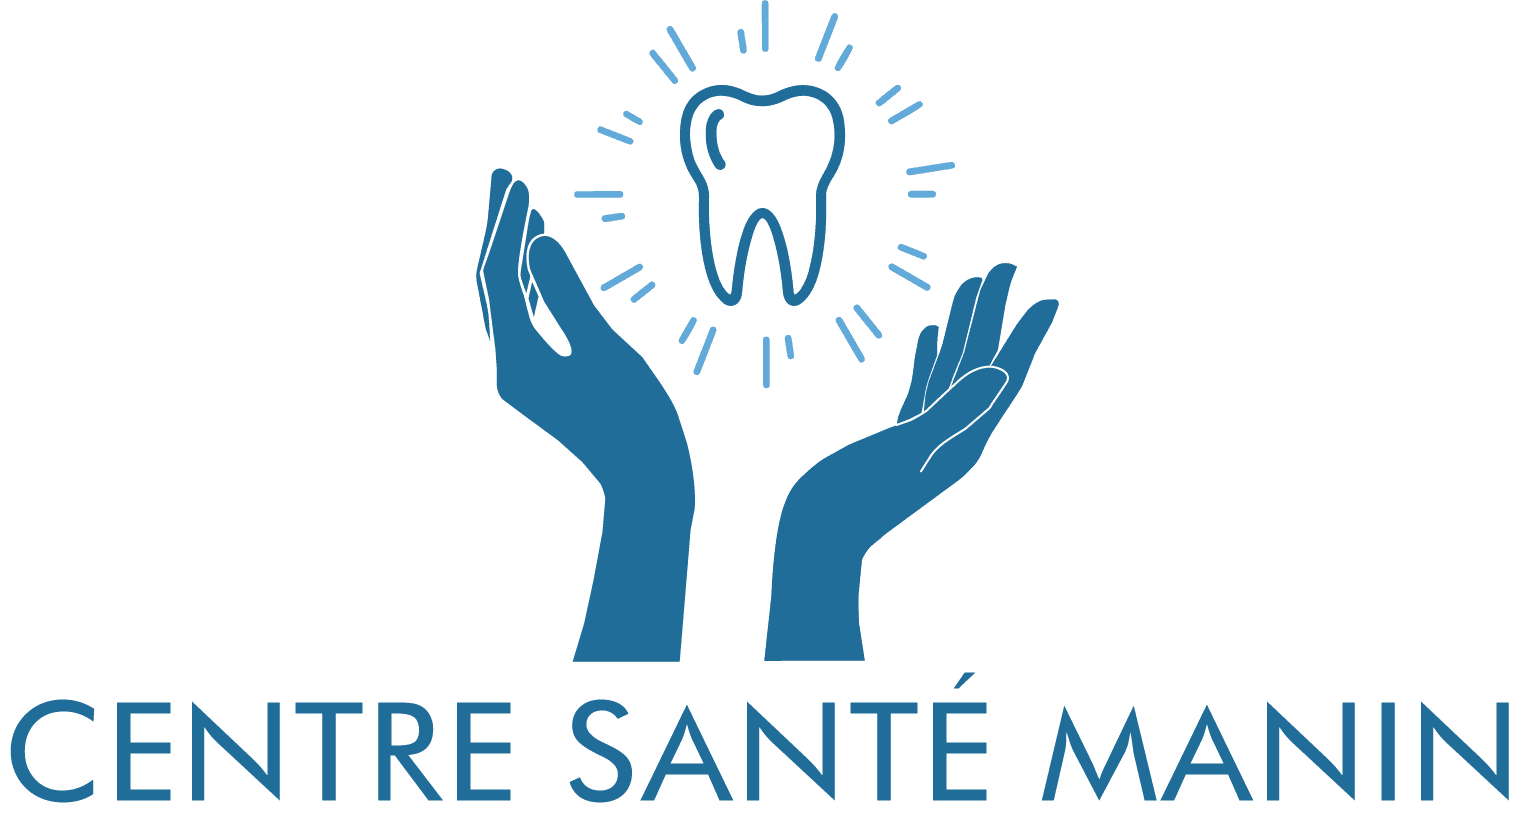 Centre Sante Manin